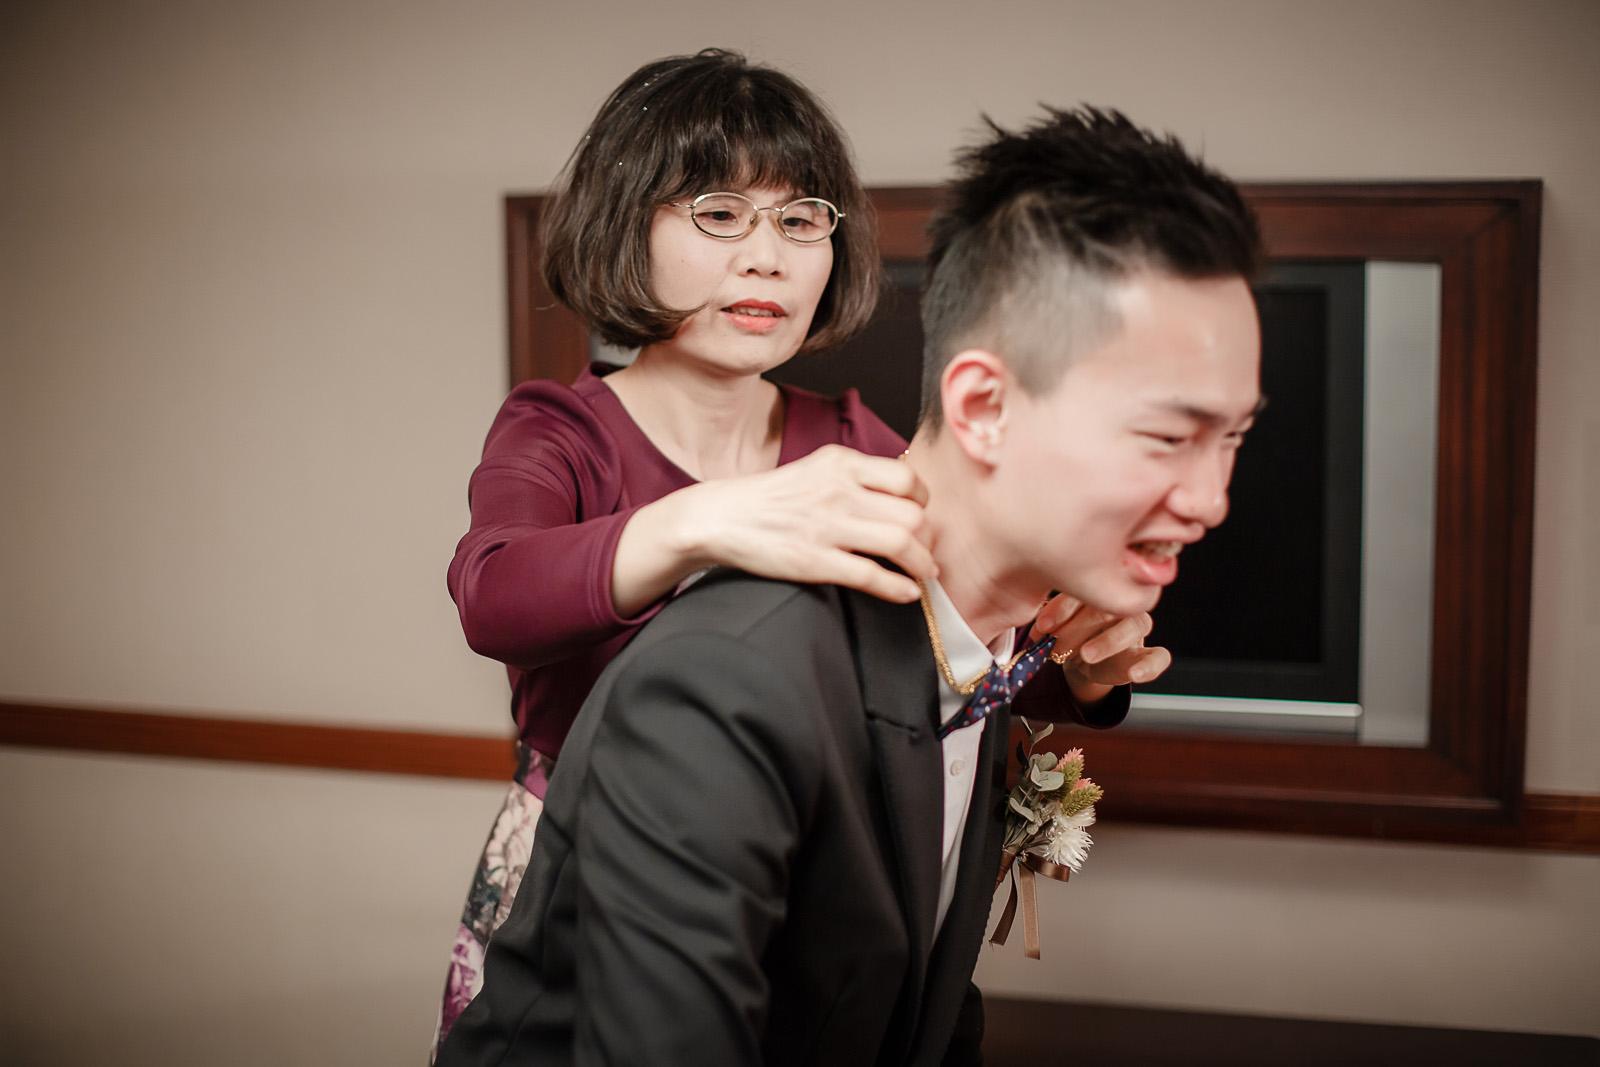 高雄圓山飯店,婚禮攝影,婚攝,高雄婚攝,優質婚攝推薦,Jen&Ethan-045